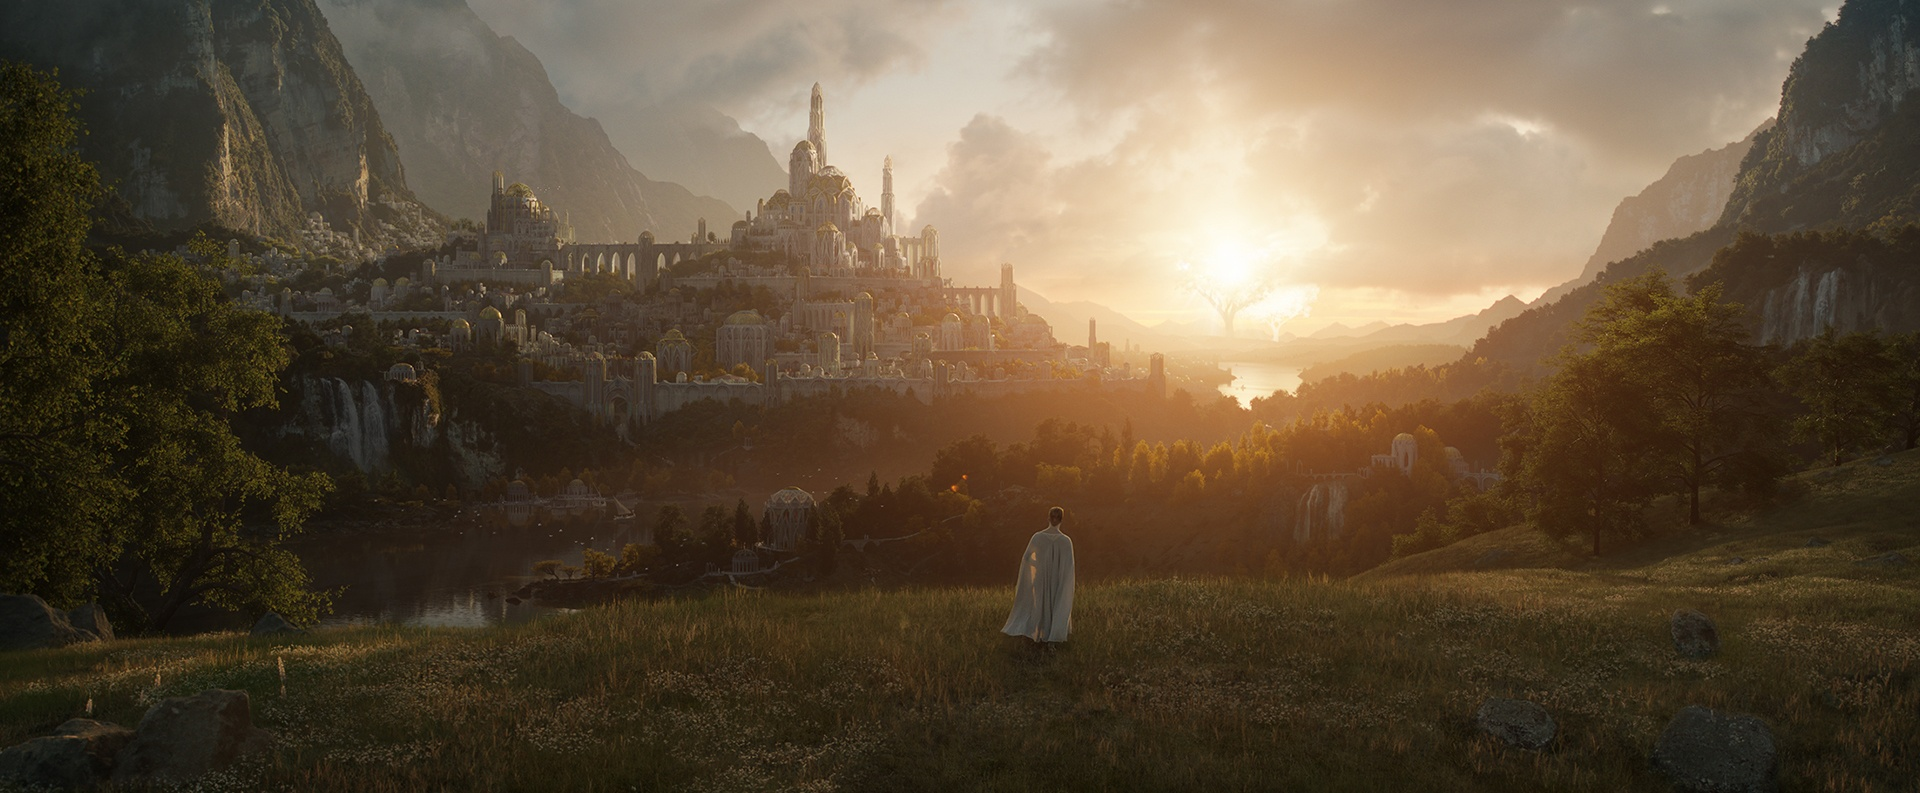 Il Signore degli Anelli: la data d'uscita e la prima immagine della serie TV Amazon